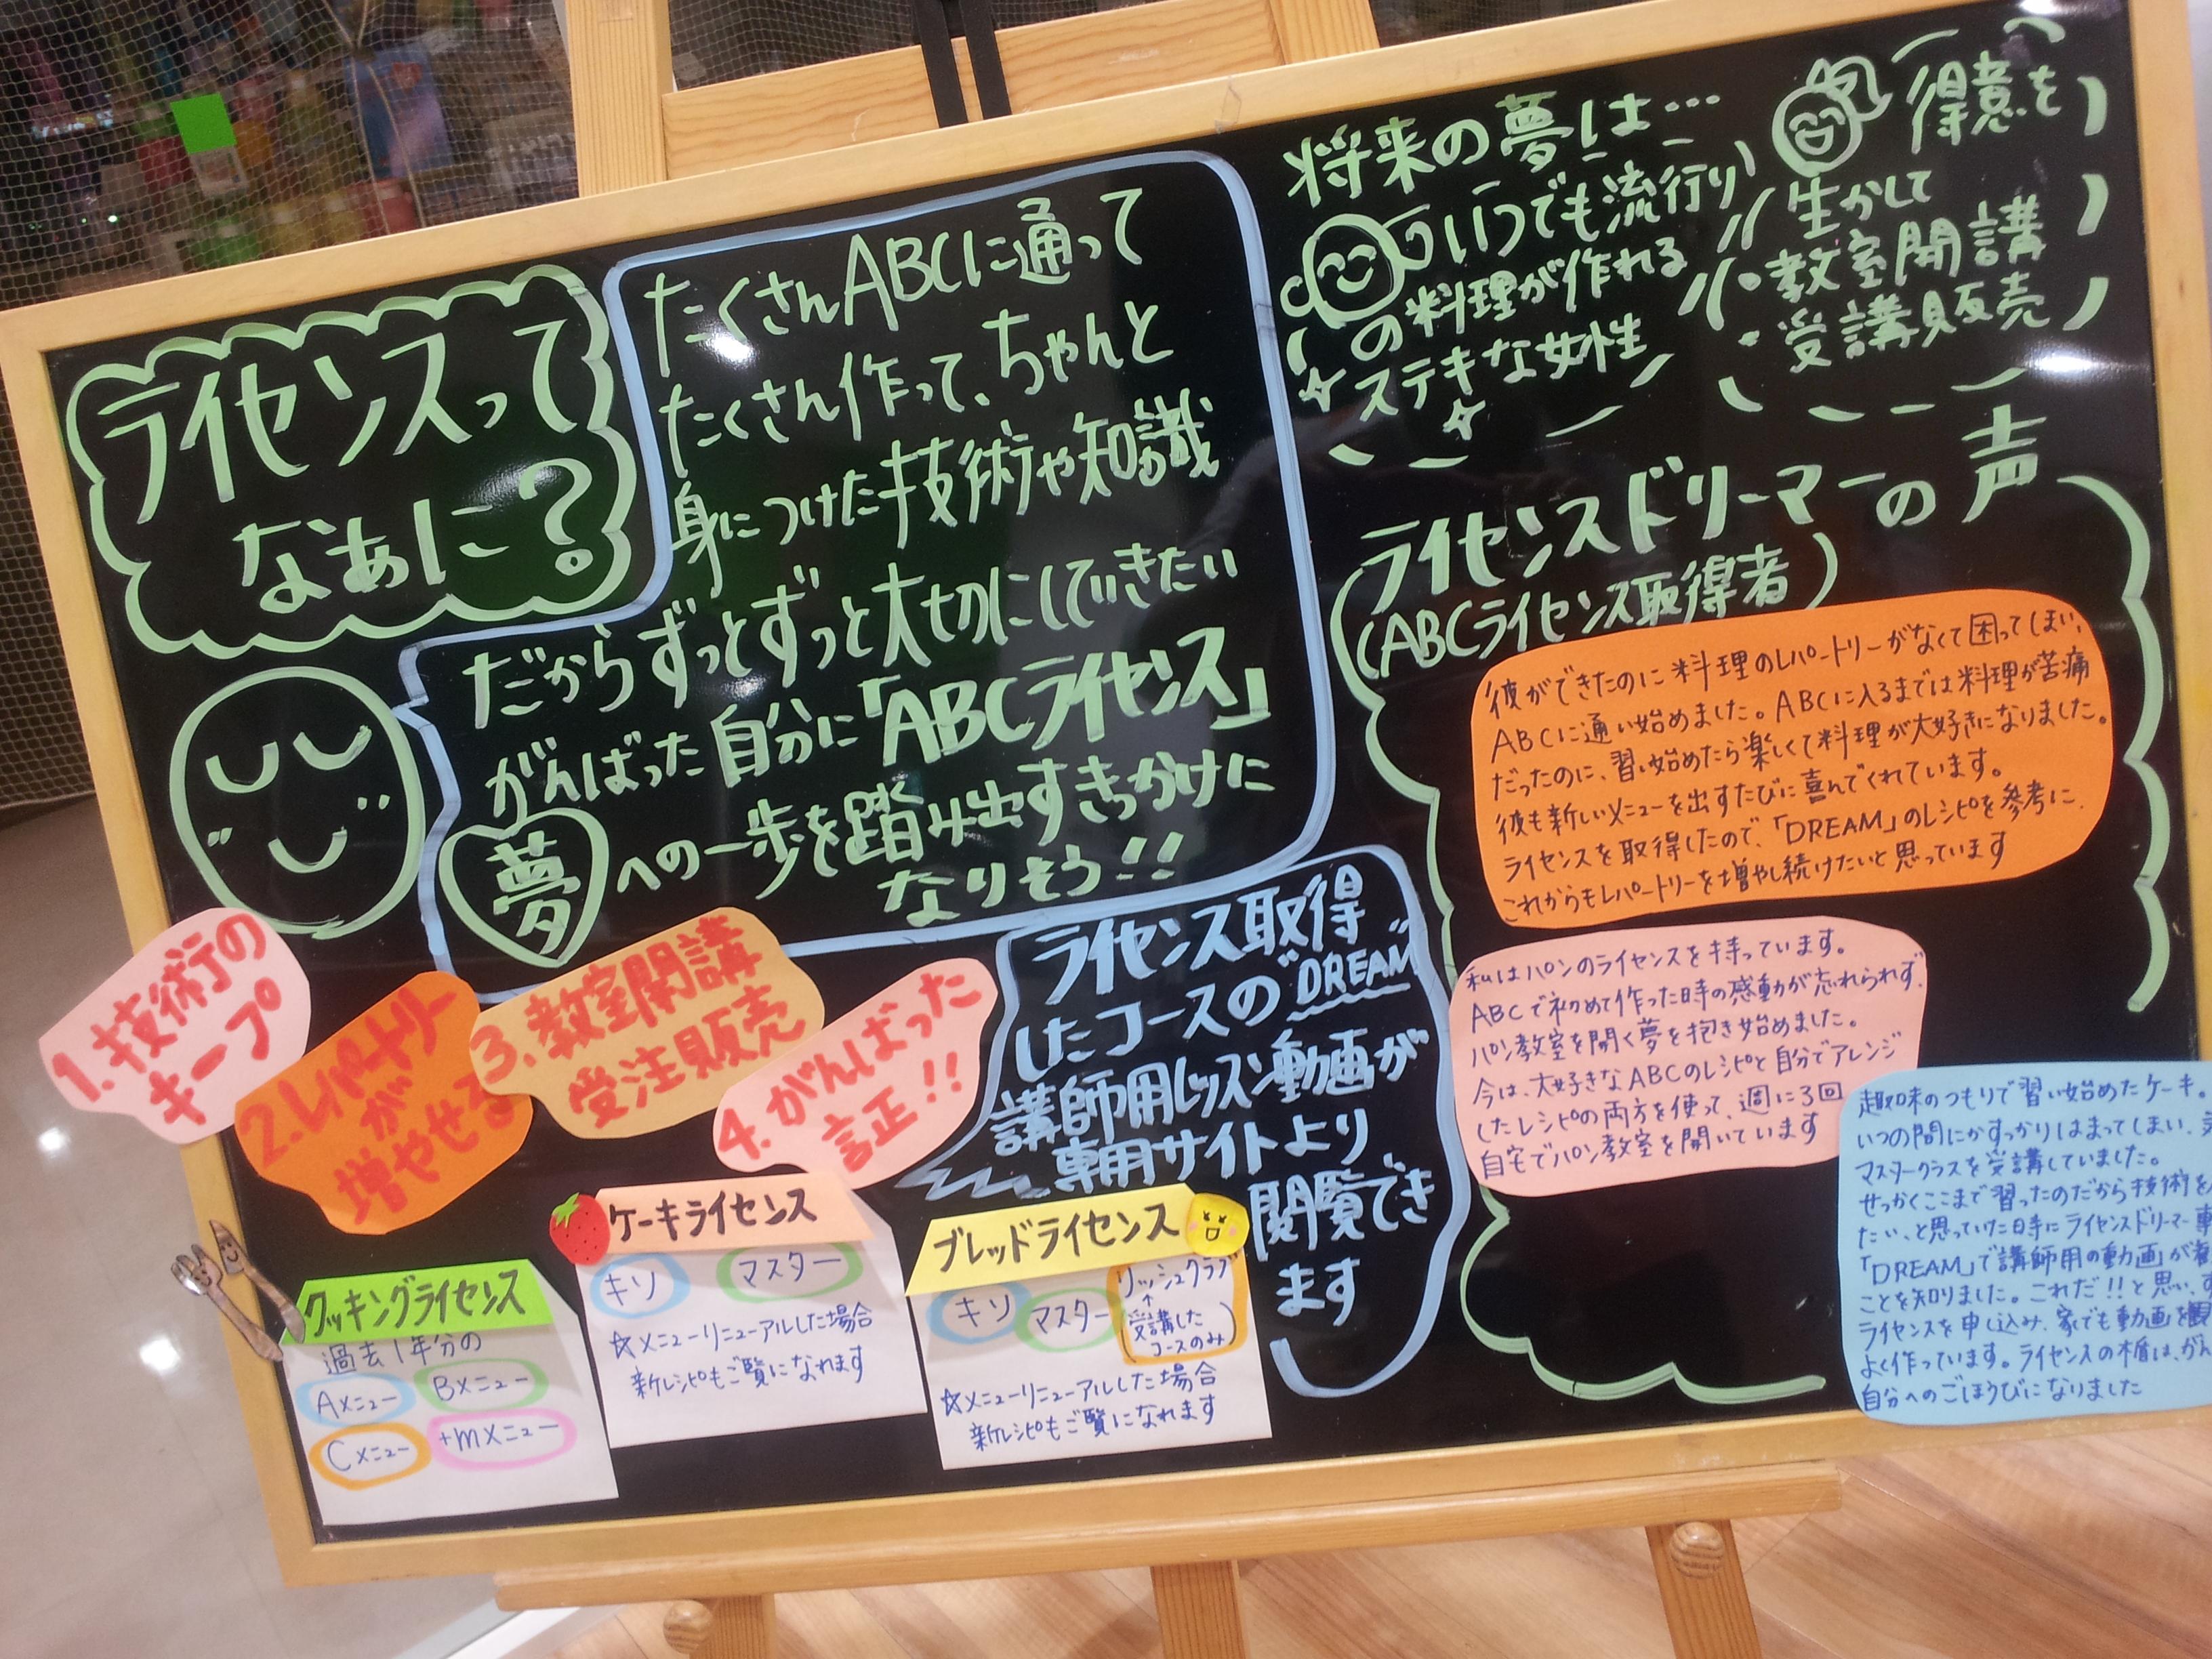 2011-08-02 22.42.12.jpg